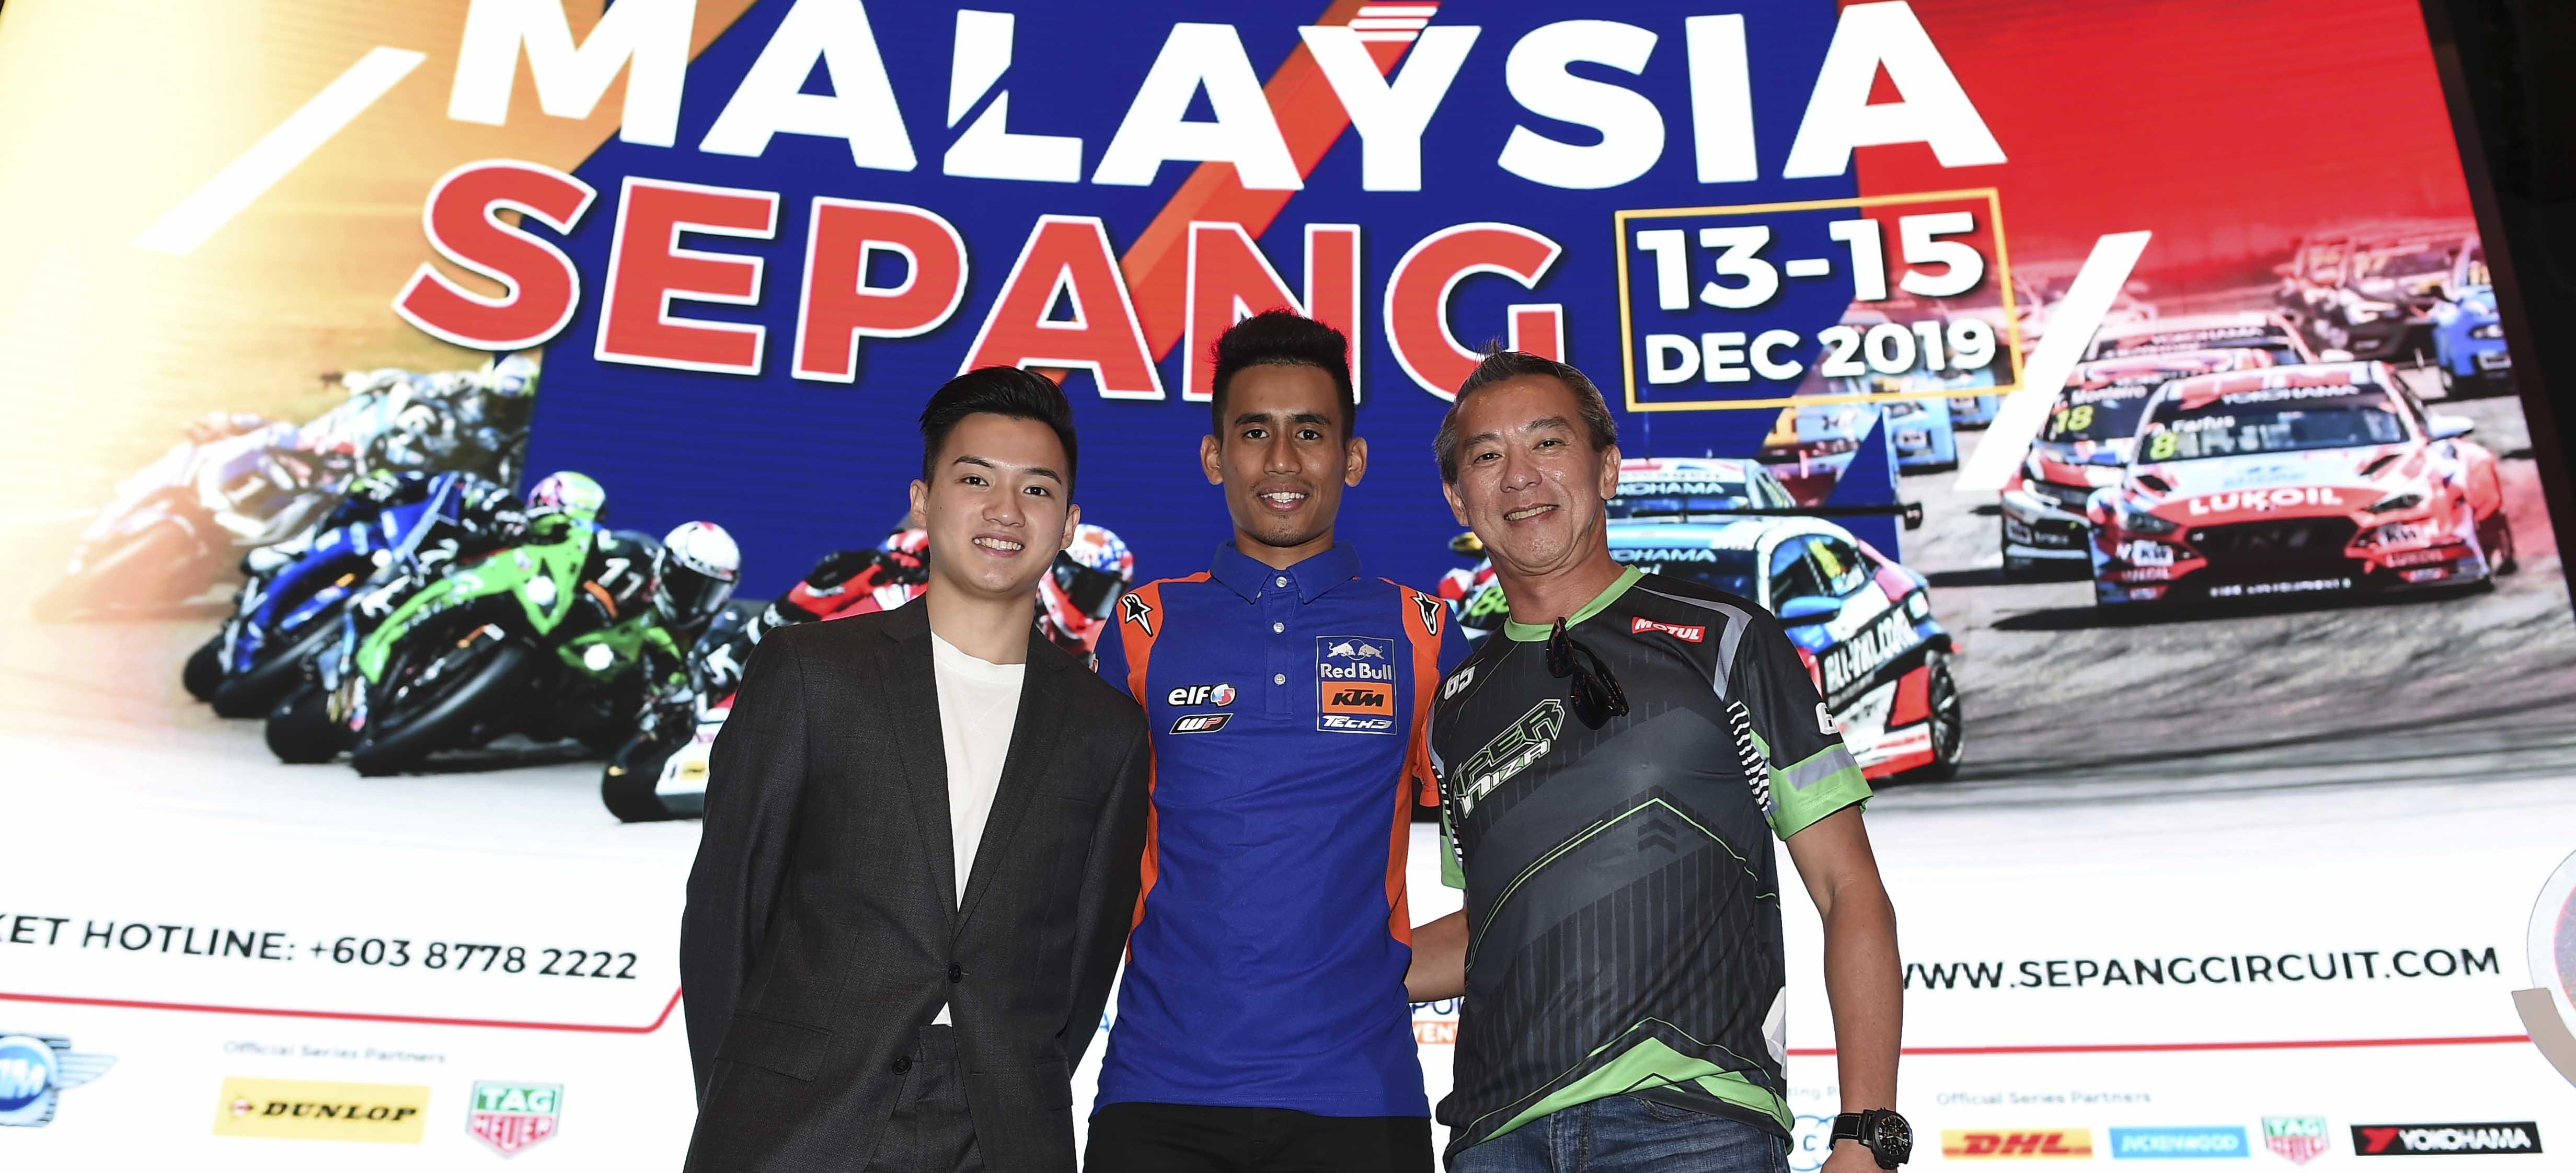 Le pilote malaisien de MotoGP, Hafizh Syahrin, invité aux 8 Hours of Sepang